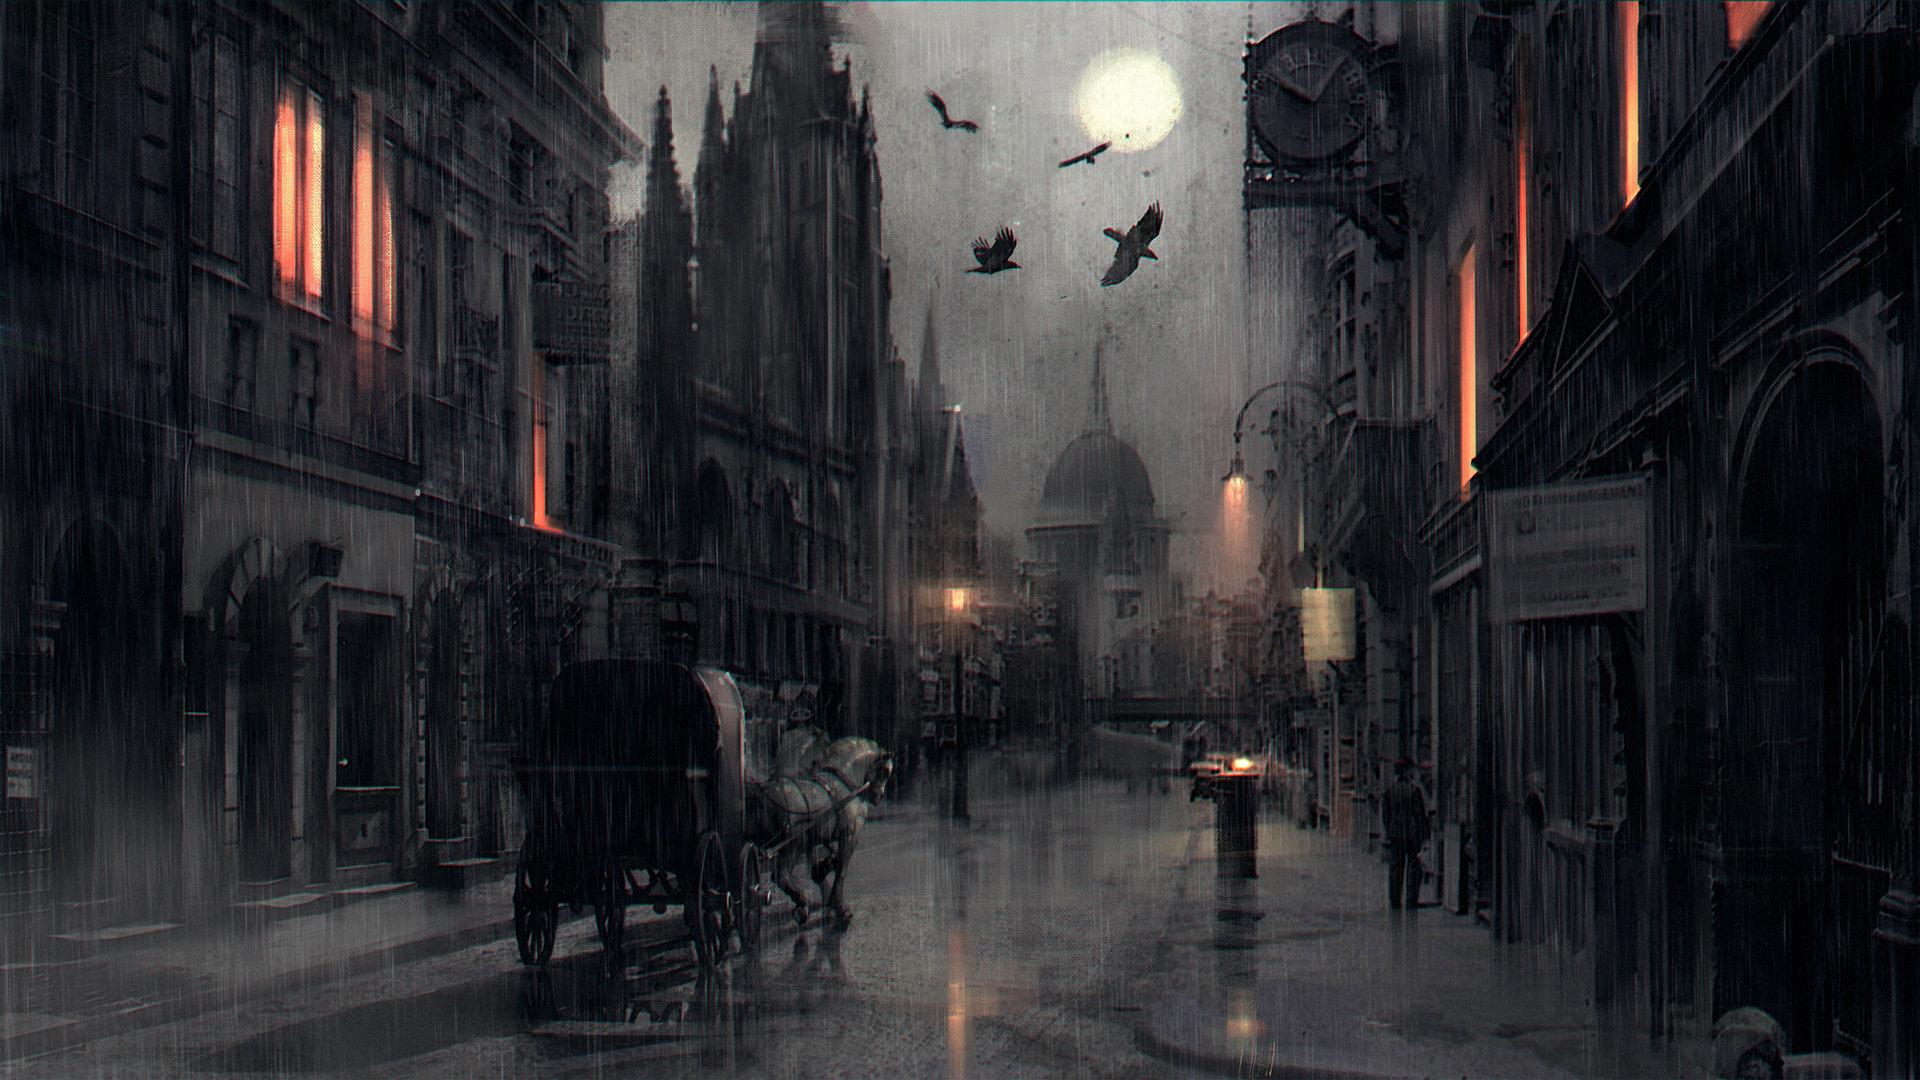 Denys tsiperko street